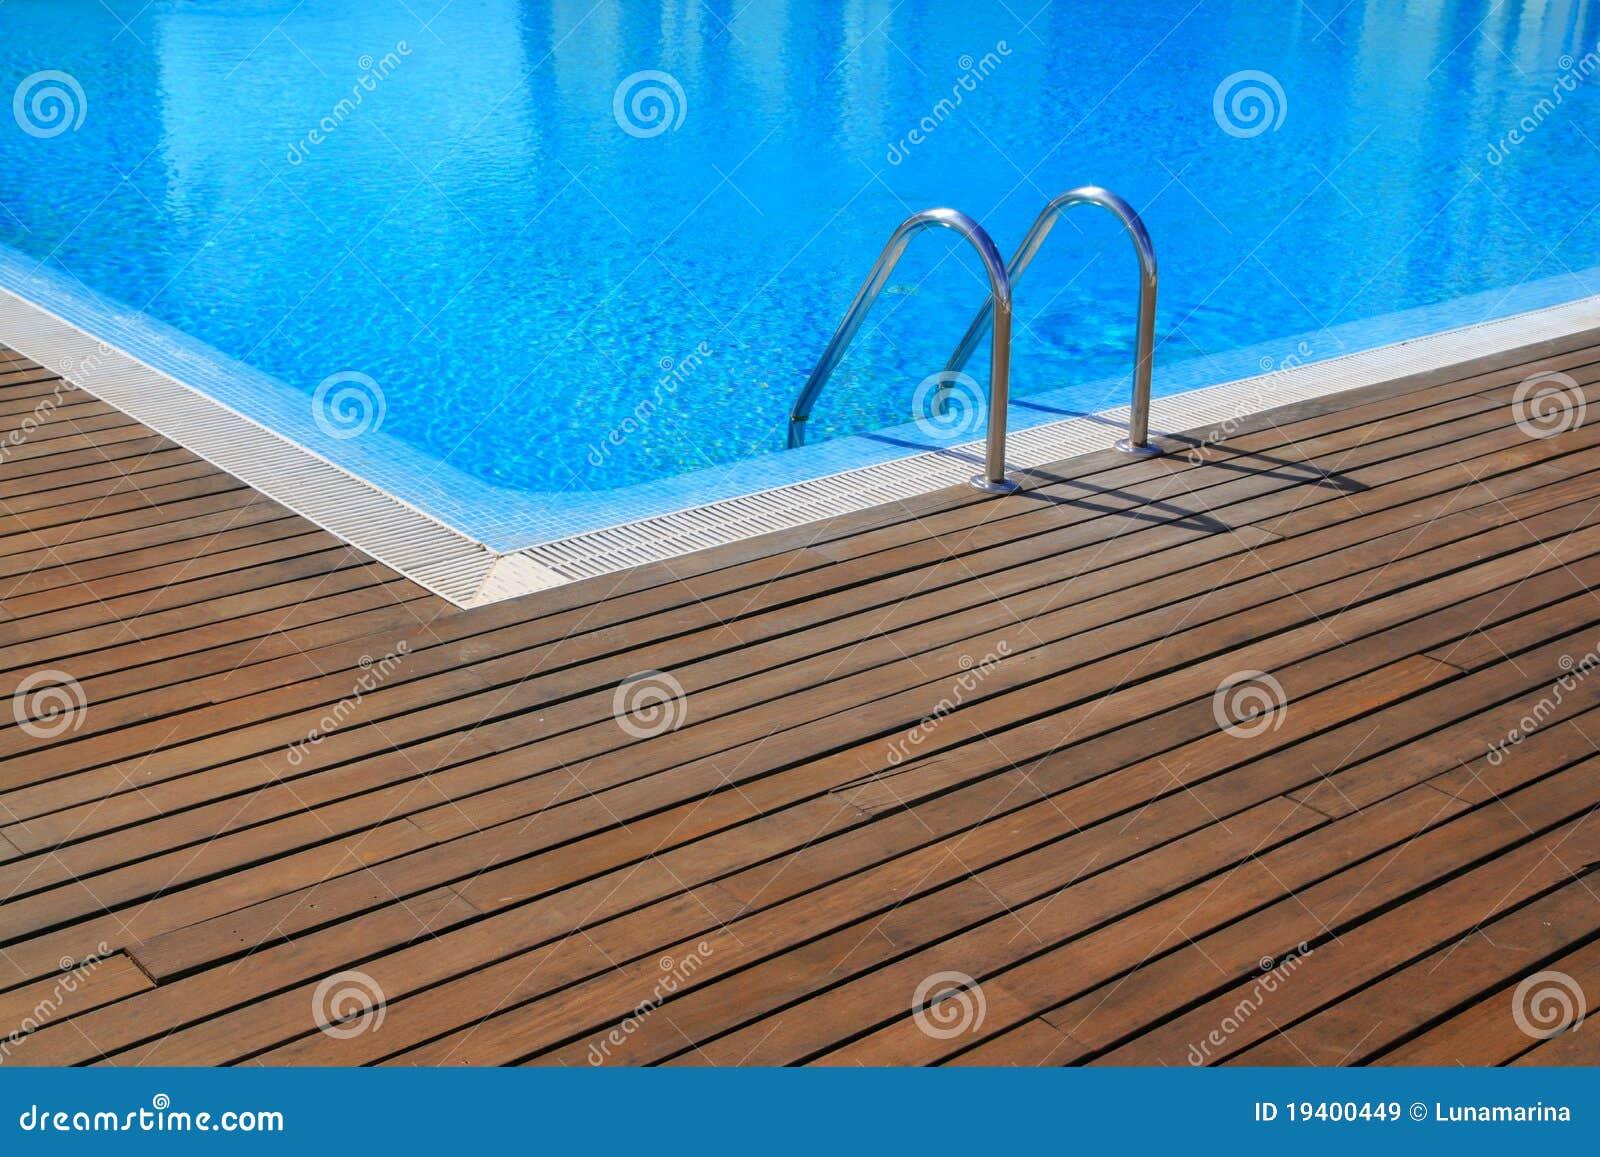 Piscine bleue avec le plancher en bois de teck image stock for Plancher teck exterieur